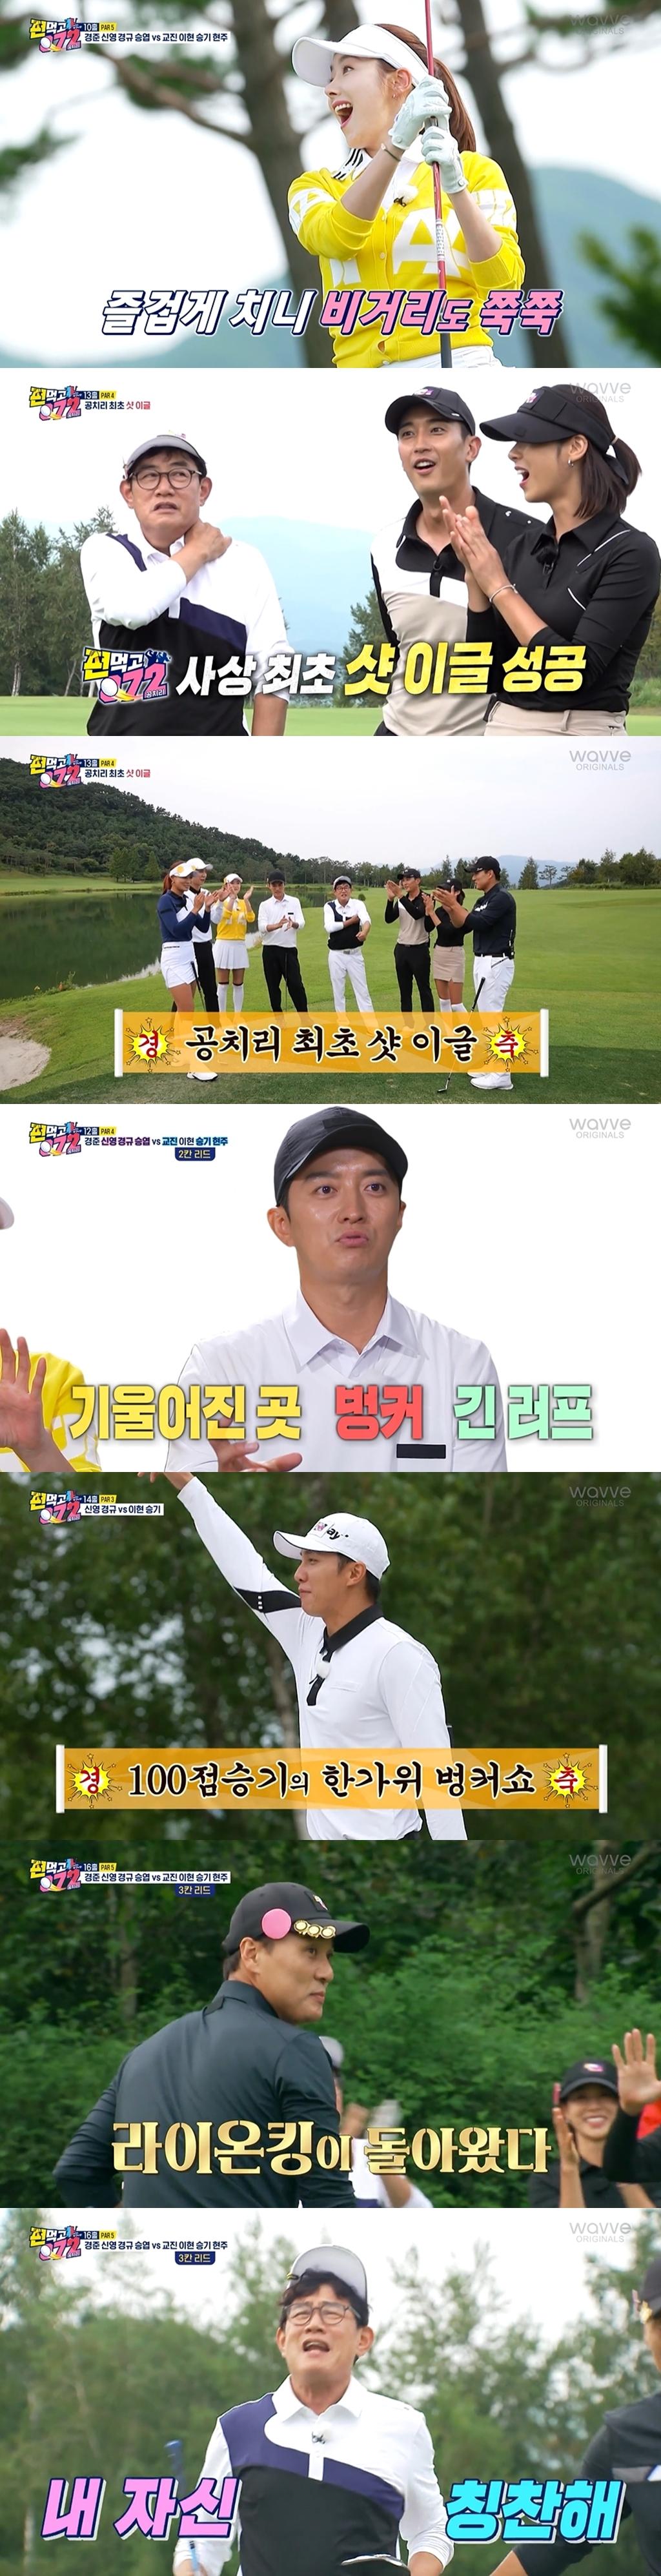 '편먹고공치리' 인교진♥소이현·강경준♥장신영 출격, 최초 이글샷 주인공은?